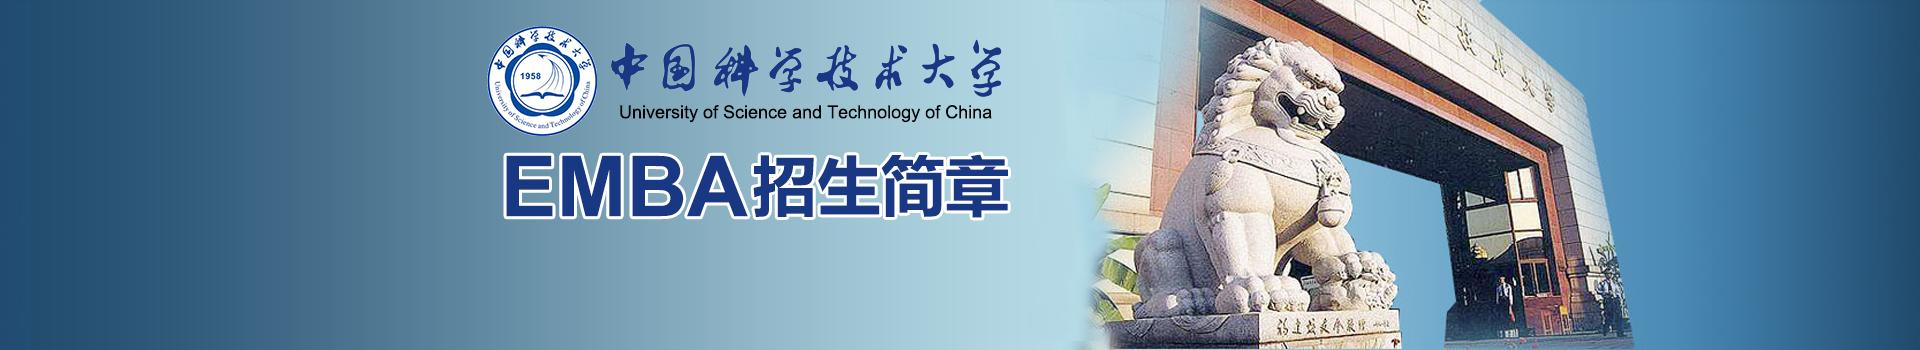 中国科学技术大学管理学院高级工商管理硕士EMBA招生简章